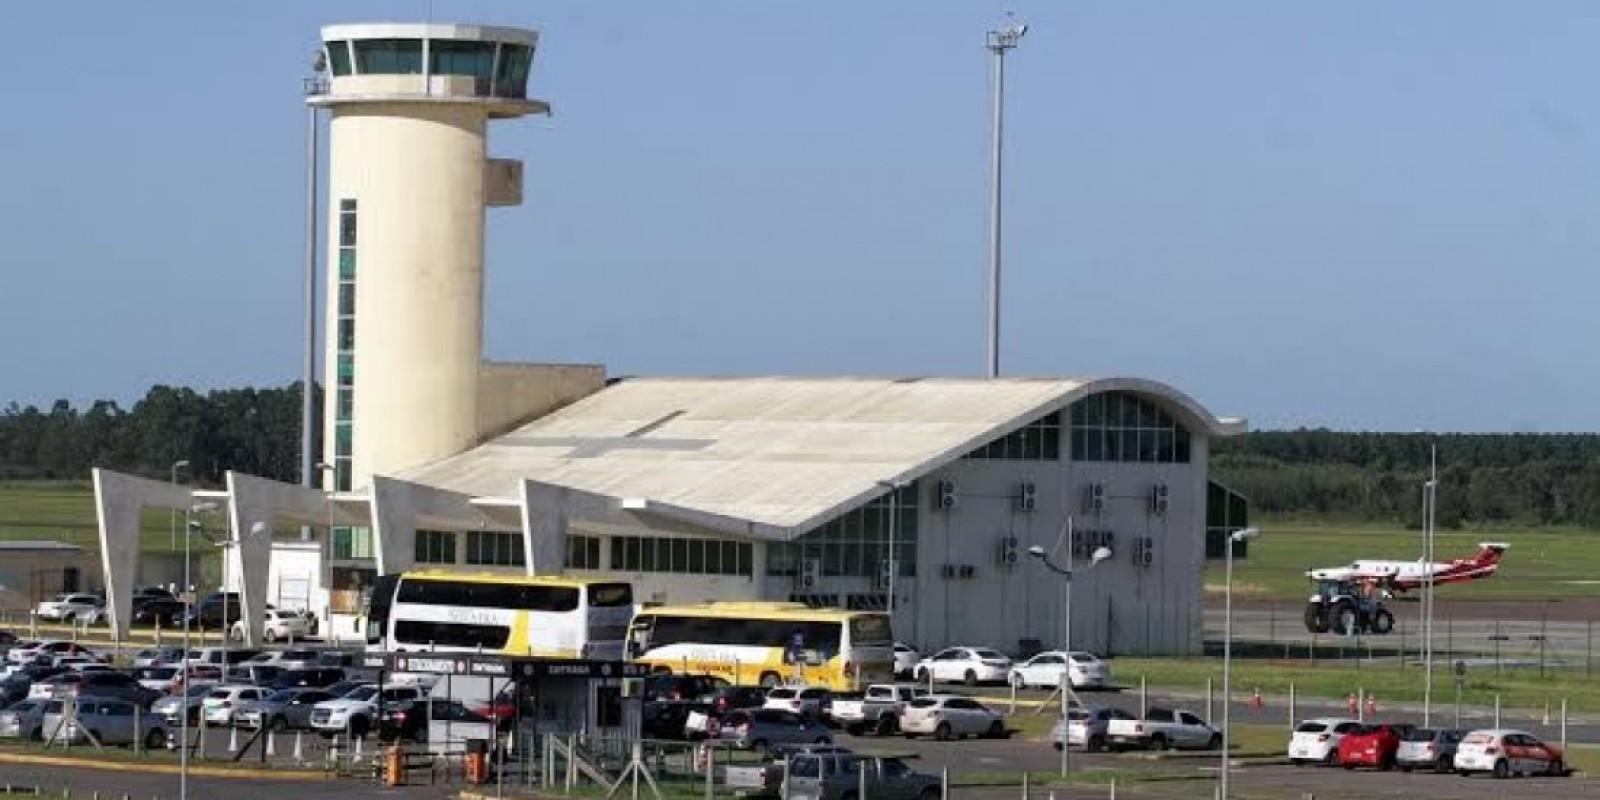 Passageiro é detido ao tentar entrar com arma em voo no Aeroporto de Jaguaruna